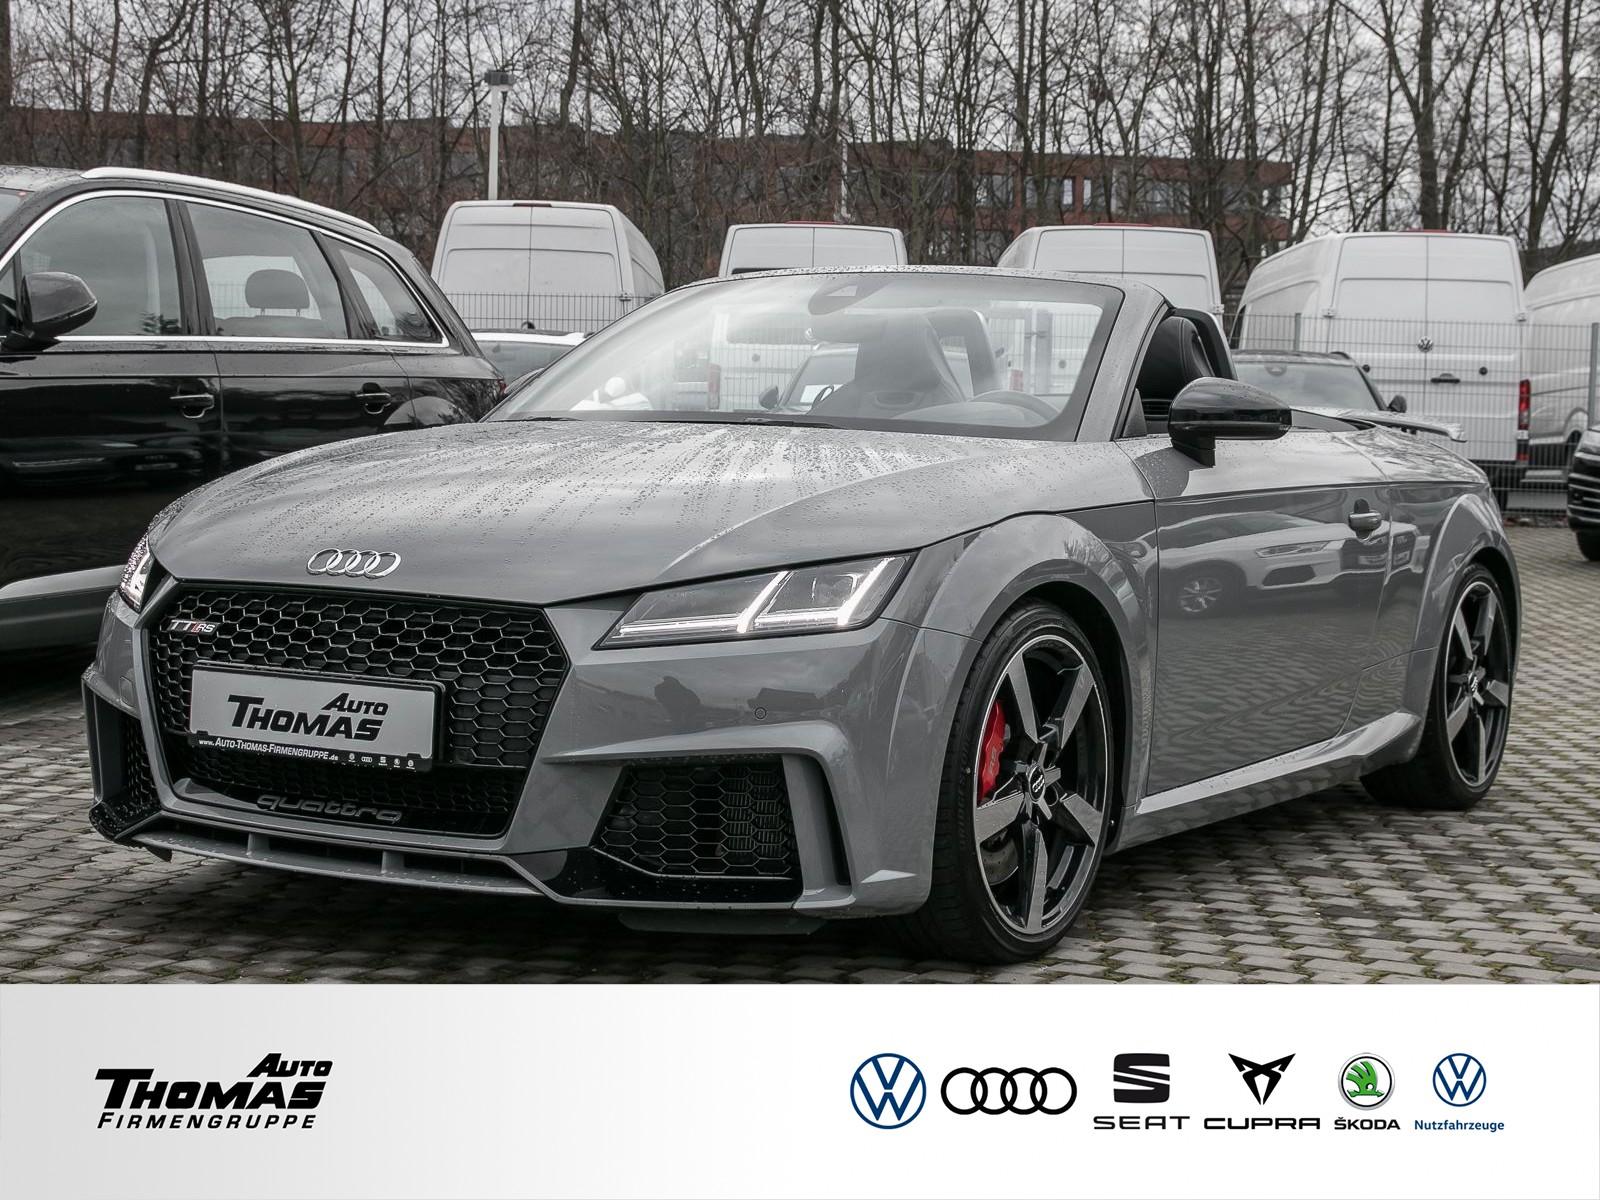 Audi TT RS Roadster 2.5 TFSI quattro S tronic NAVI, Jahr 2018, petrol